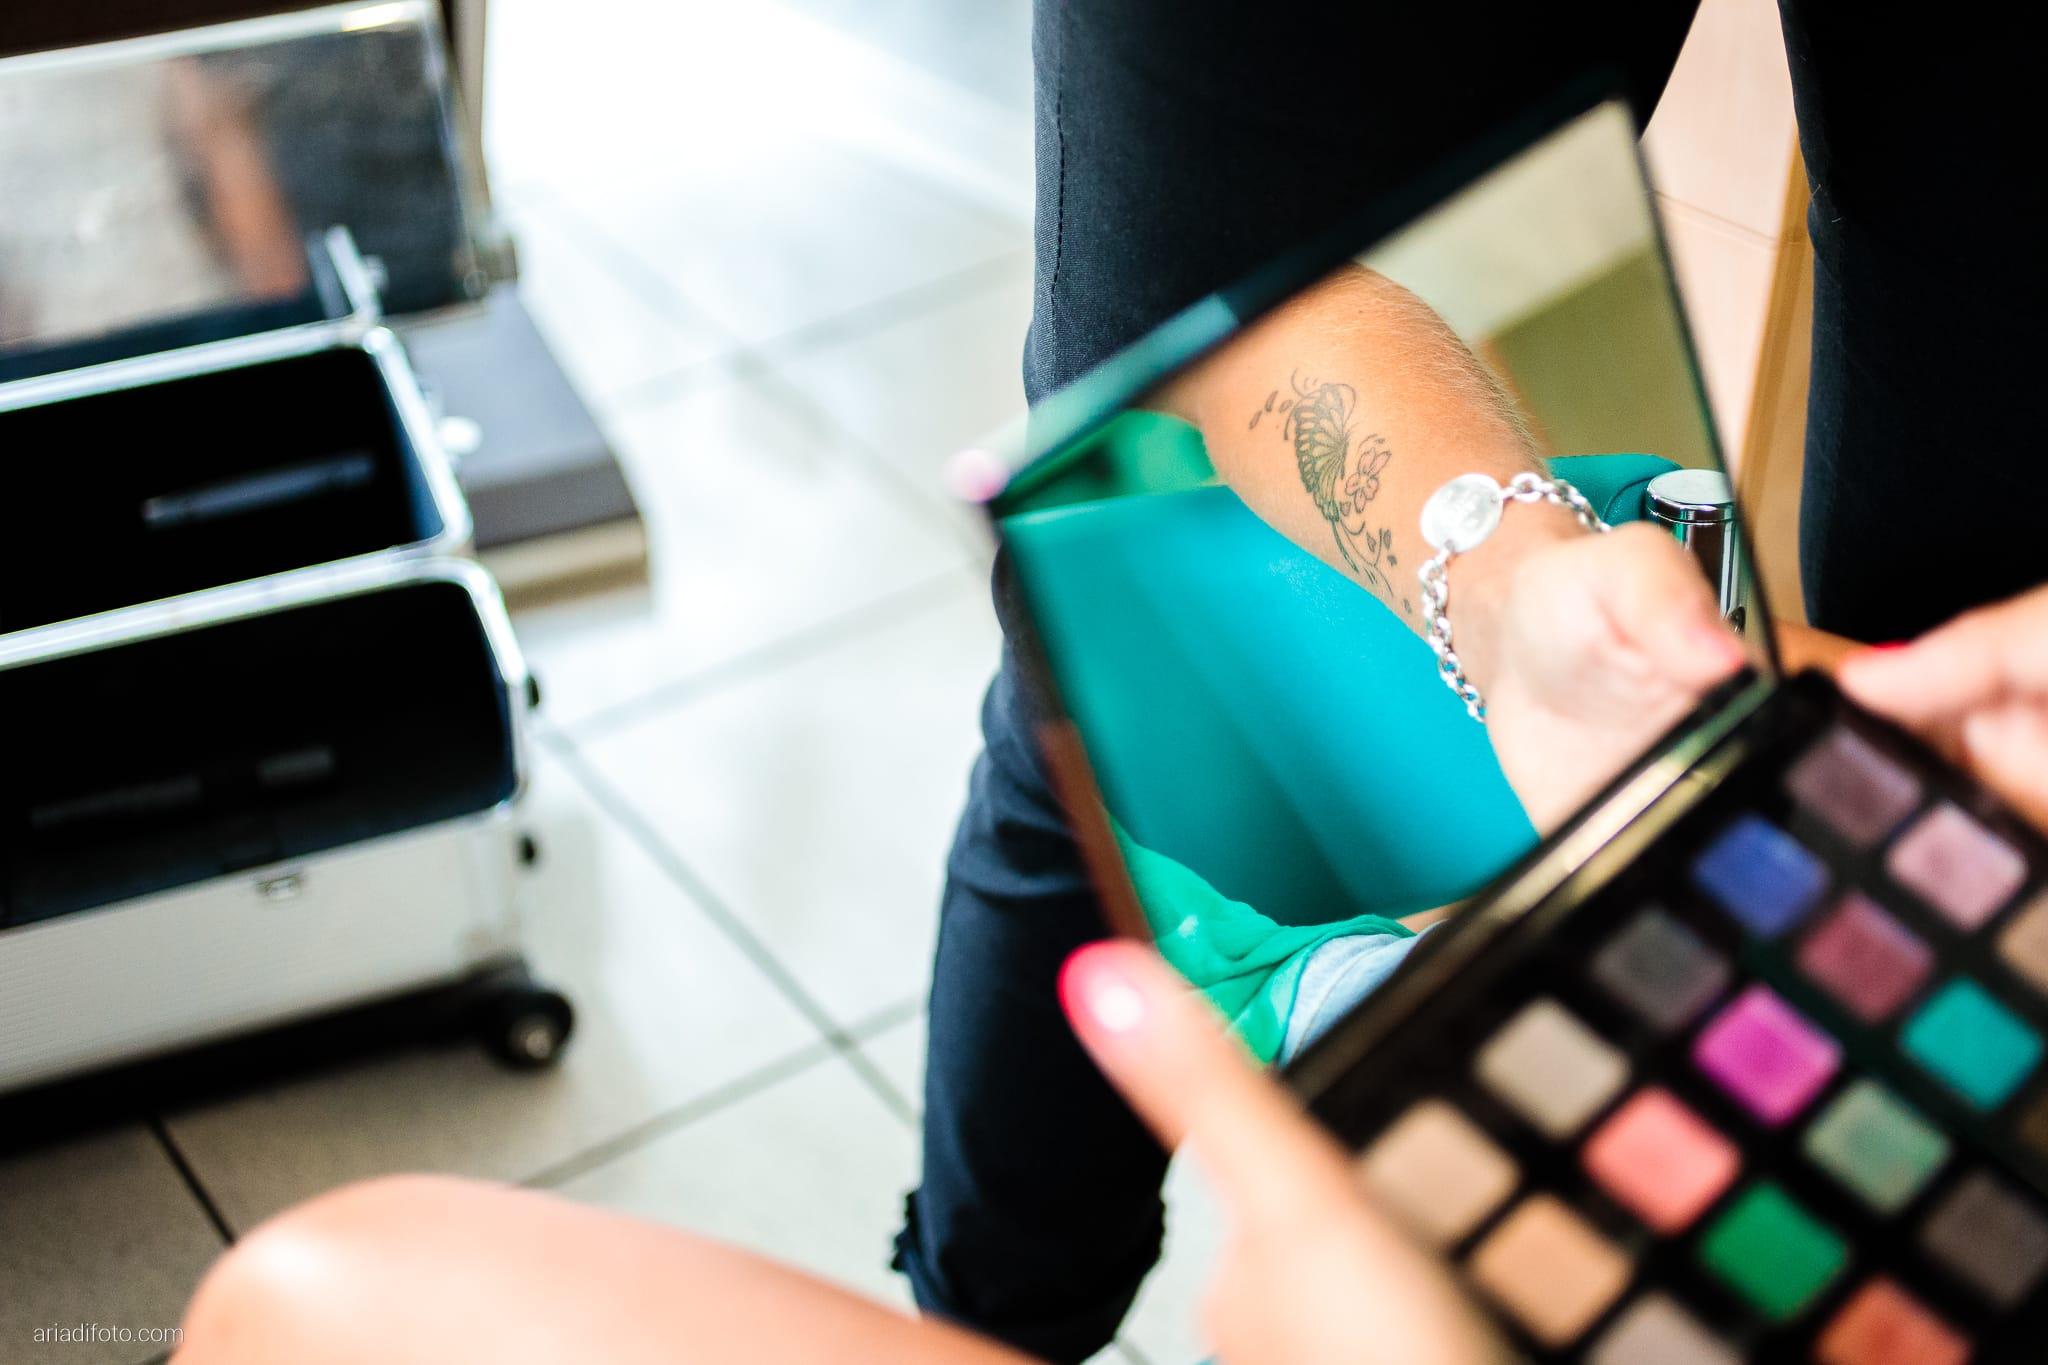 Nicoletta Pierfrancesco Matrimonio Gorizia Villa Attems Lucinico preparativi sposa trucco specchio riflesso tatuaggio